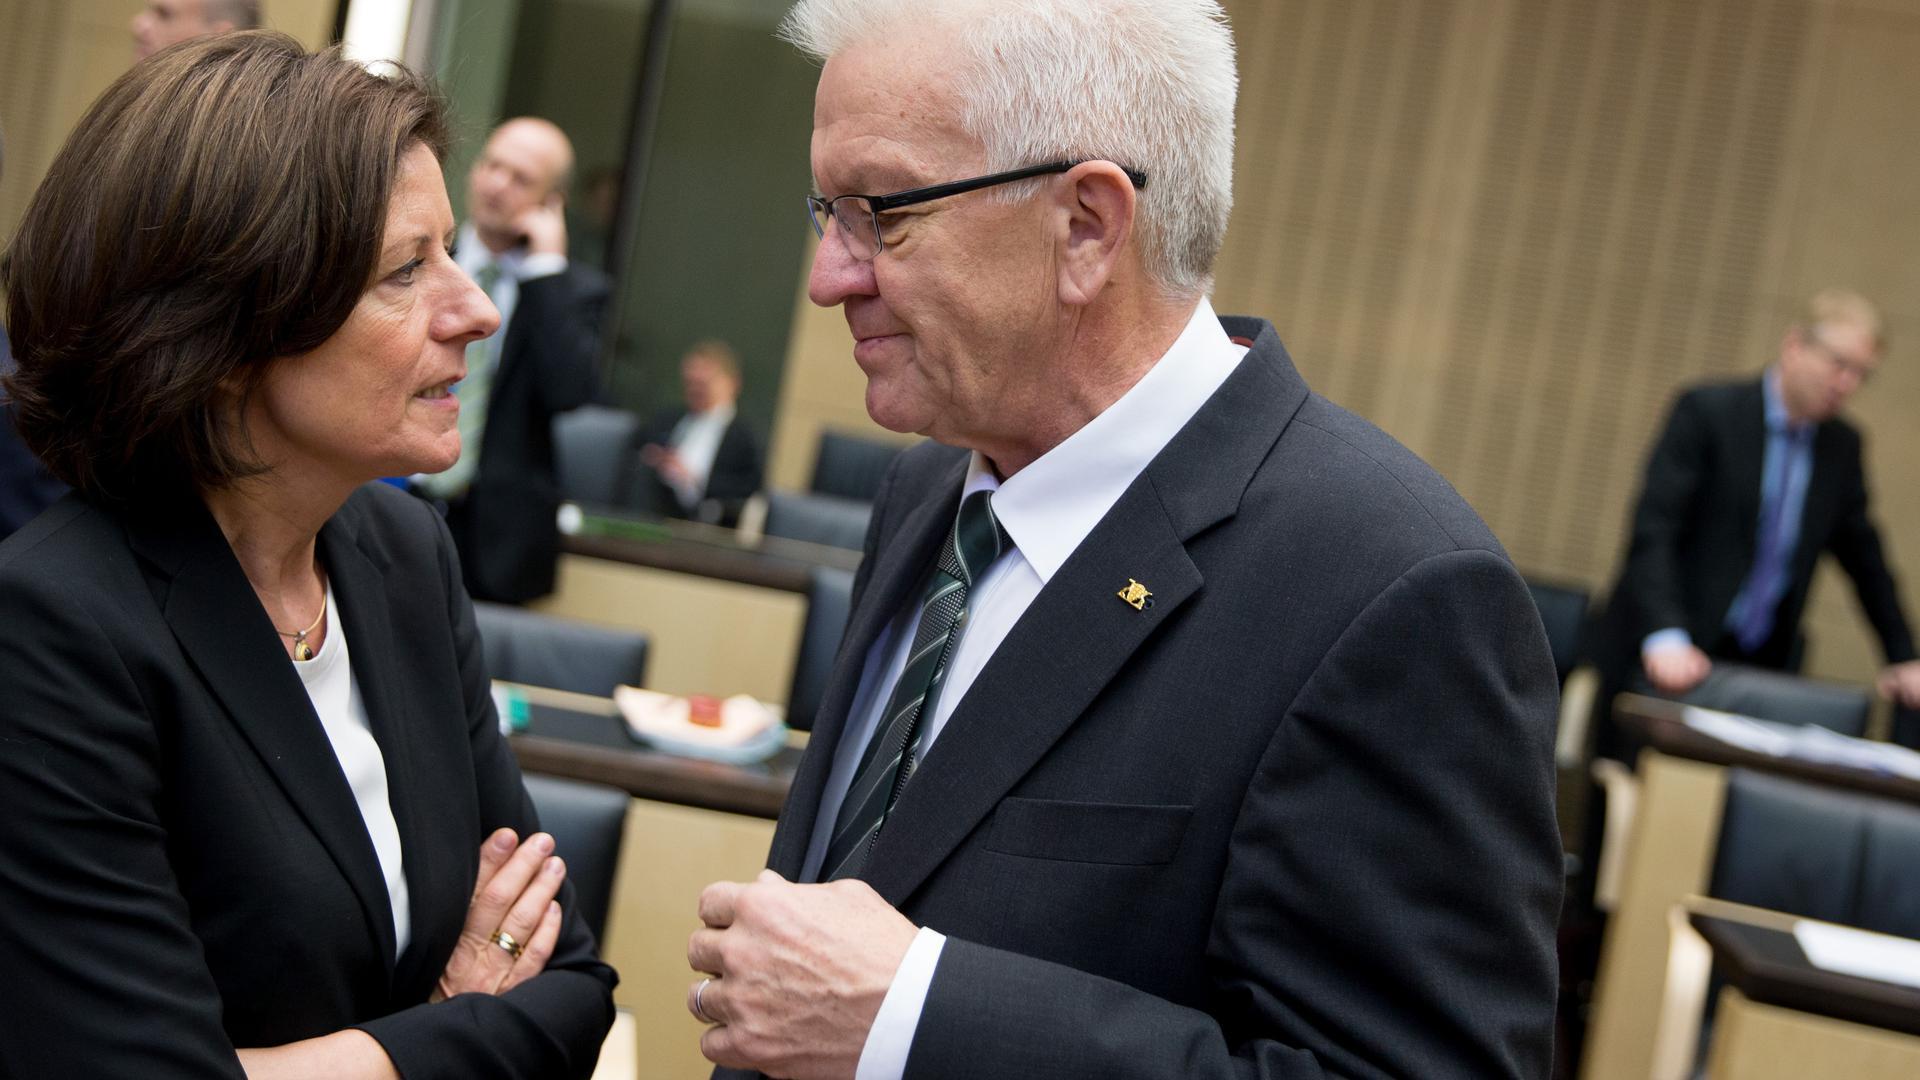 Baden-Württembergs Ministerpräsident Winfried Kretschmann (Bündnis 90/Die Grünen) und die rheinland-pfälzische Ministerpräsidentin Malu Dreyer (SPD) unterhalten sich am 27.11.2015 im Bundesrat in Berlin. Foto: Kay Nietfeld/dpa ++ +++ dpa-Bildfunk +++